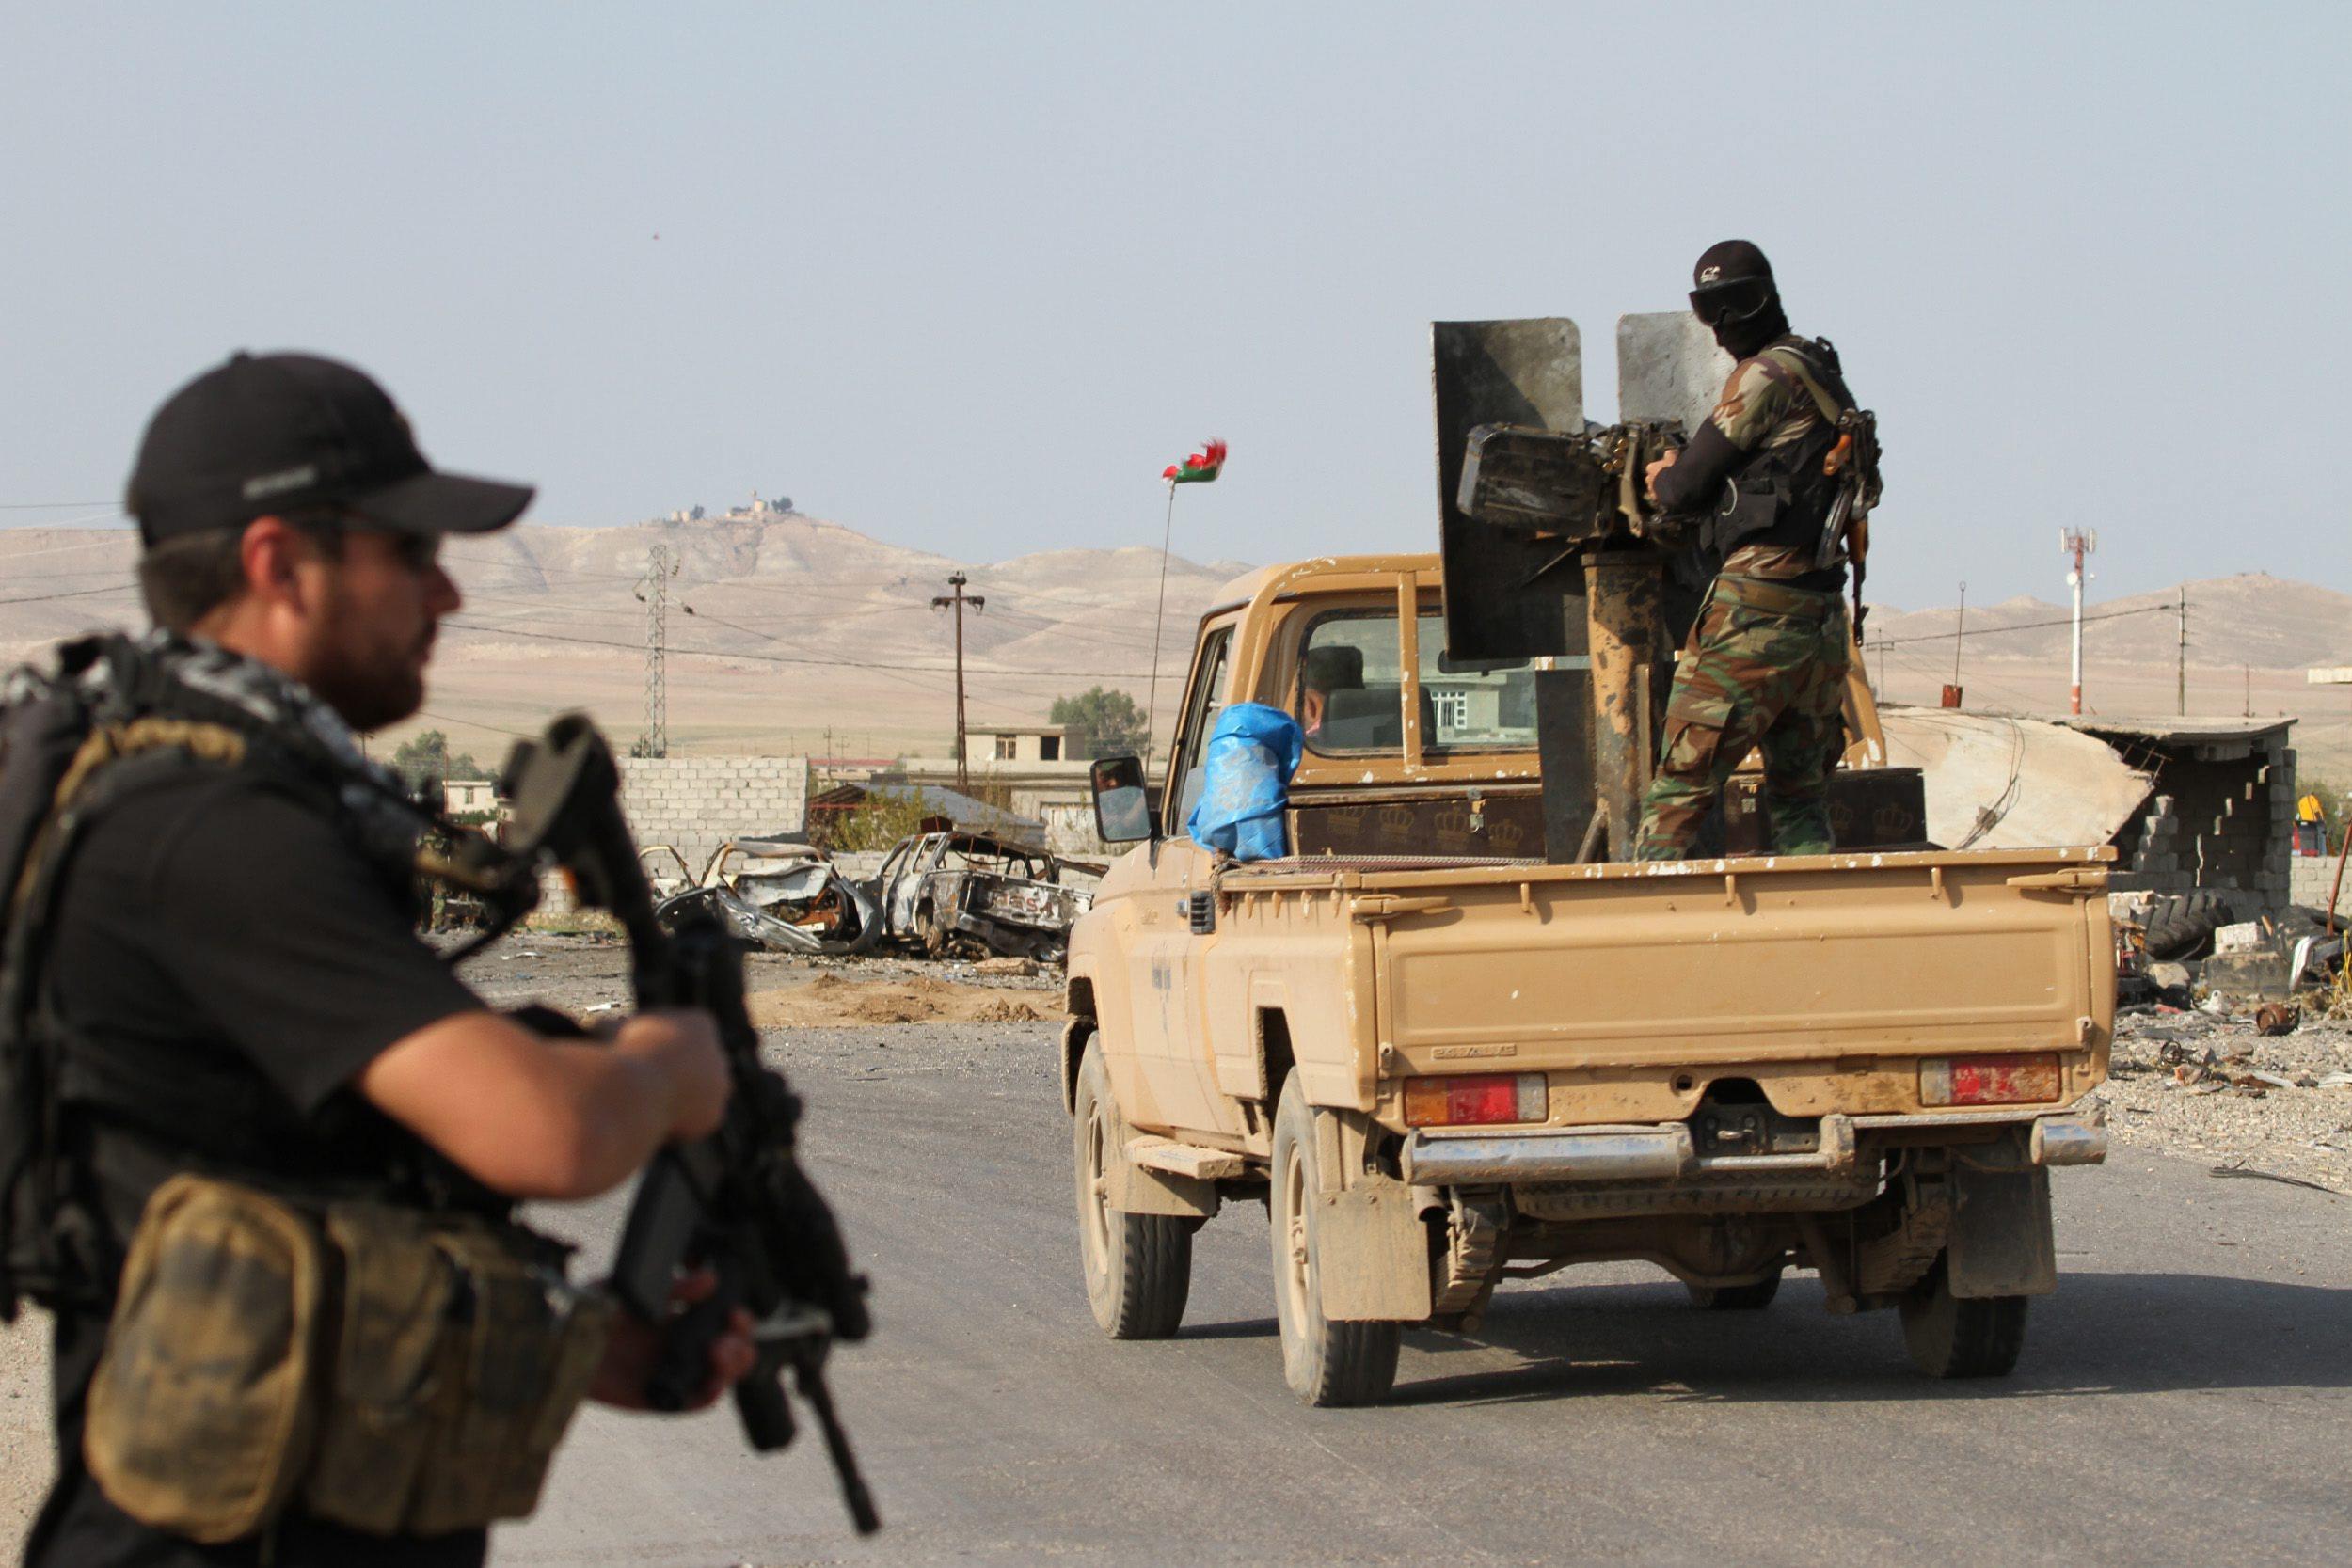 Συρία: Το παρακλάδι της αλ Κάιντα κατέλαβε στρατηγικής σημασίας πόλη | tovima.gr